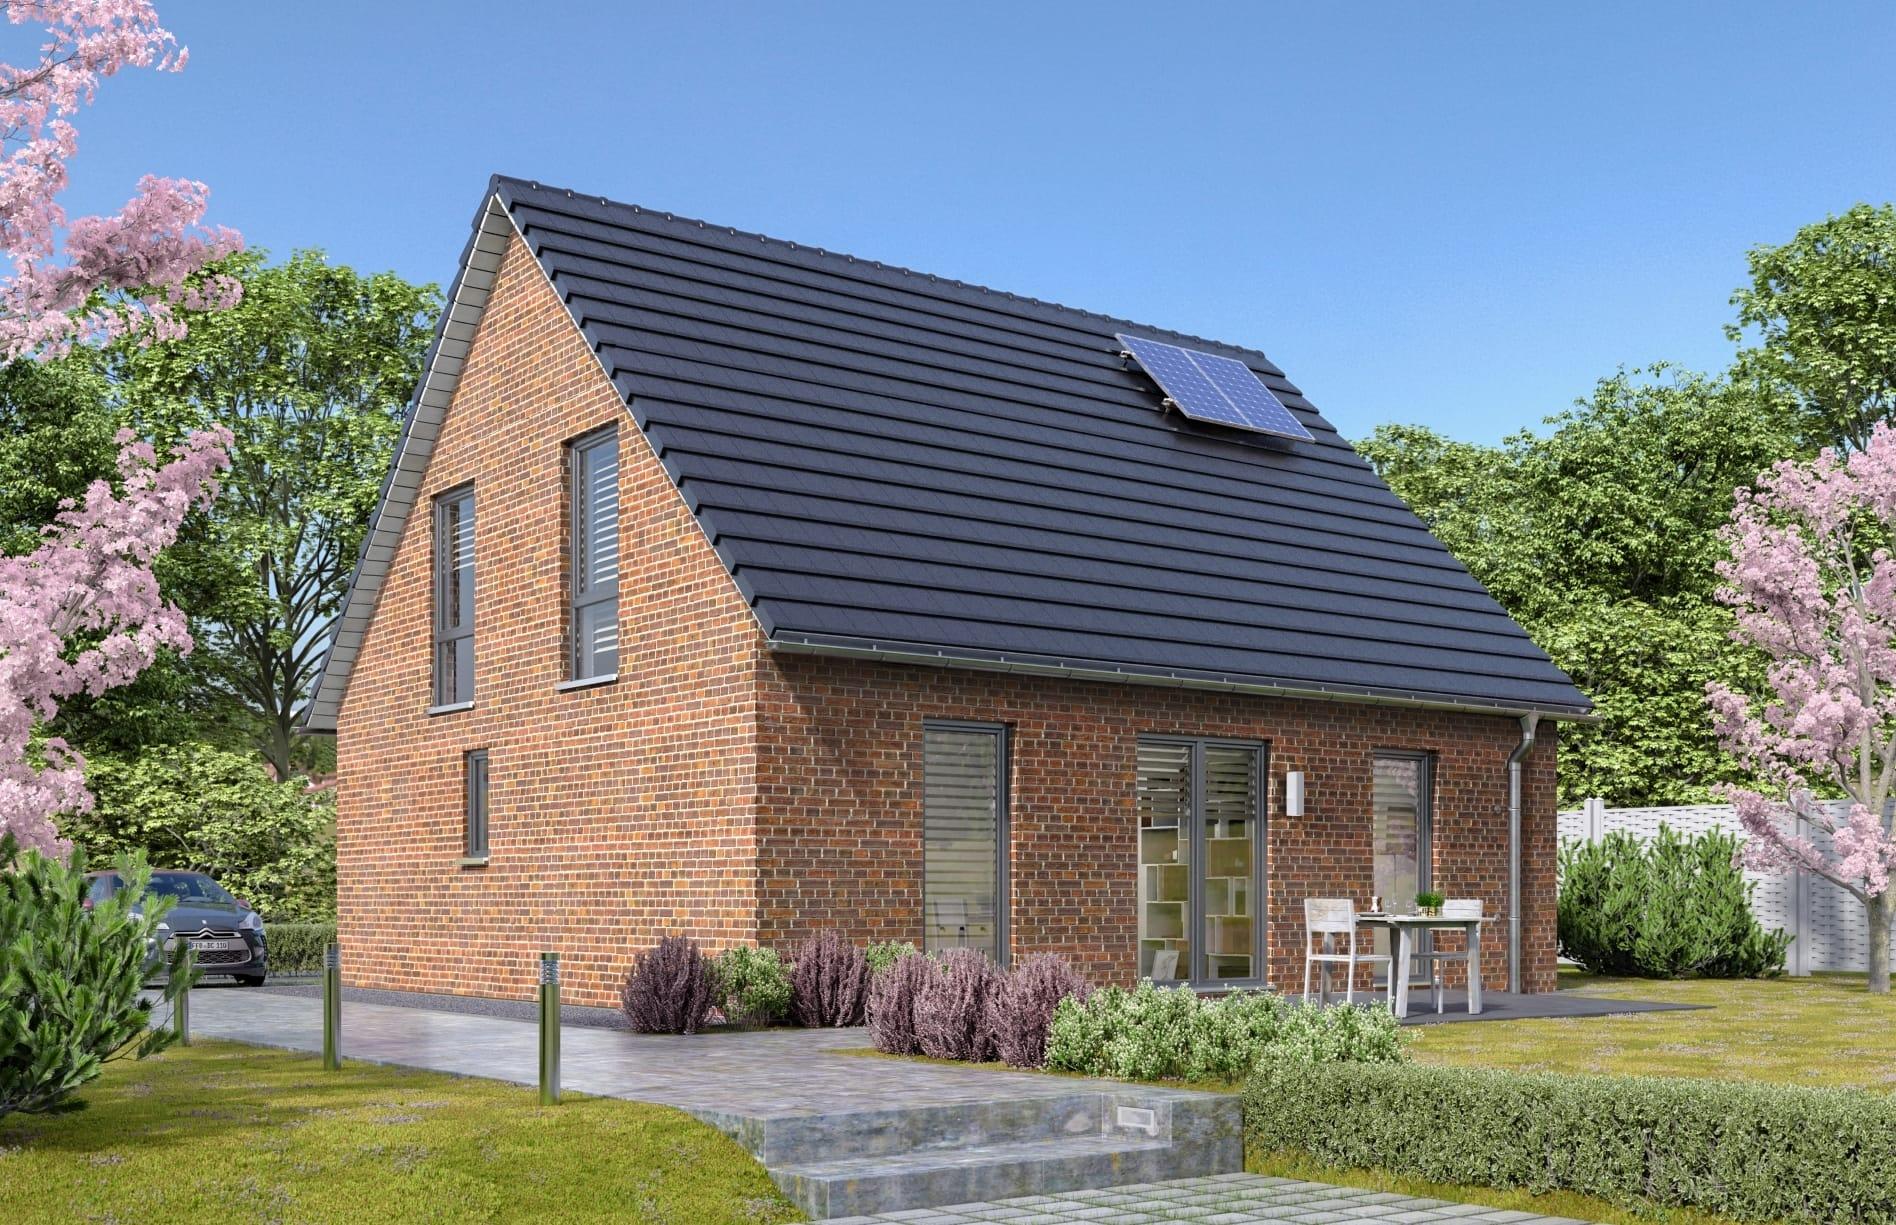 Massivhaus klassisch mit Satteldach Architektur & Klinker Fassade, 5 Zimmer, 120 qm - Town Country Haus Flair 130 Klinker - HausbauDirekt.de